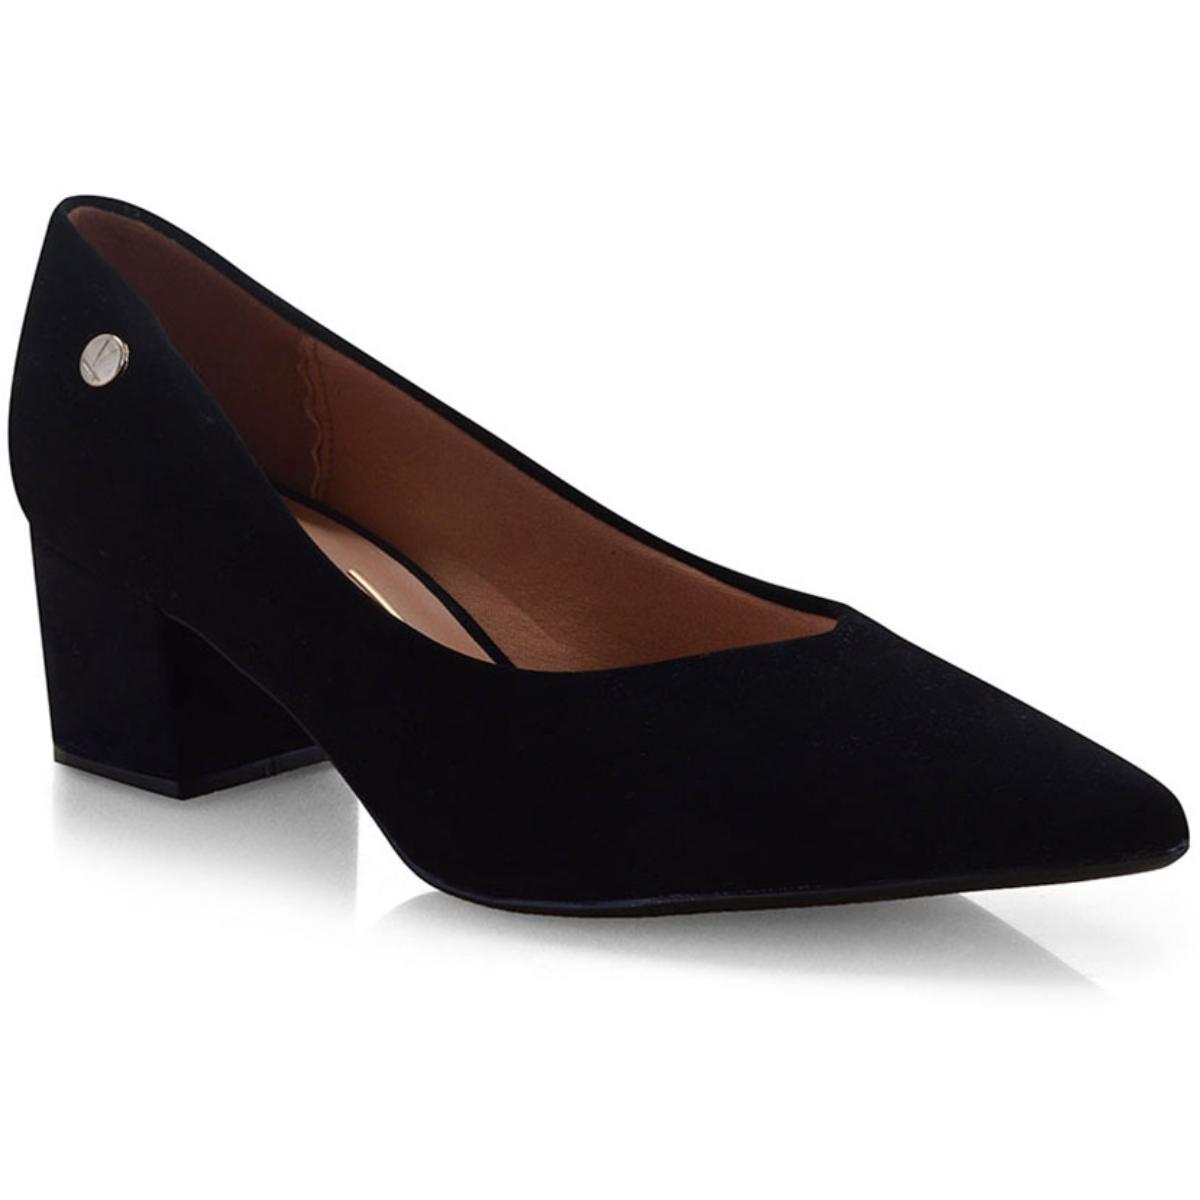 Sapato Feminino Vizzano 1220224 Preto